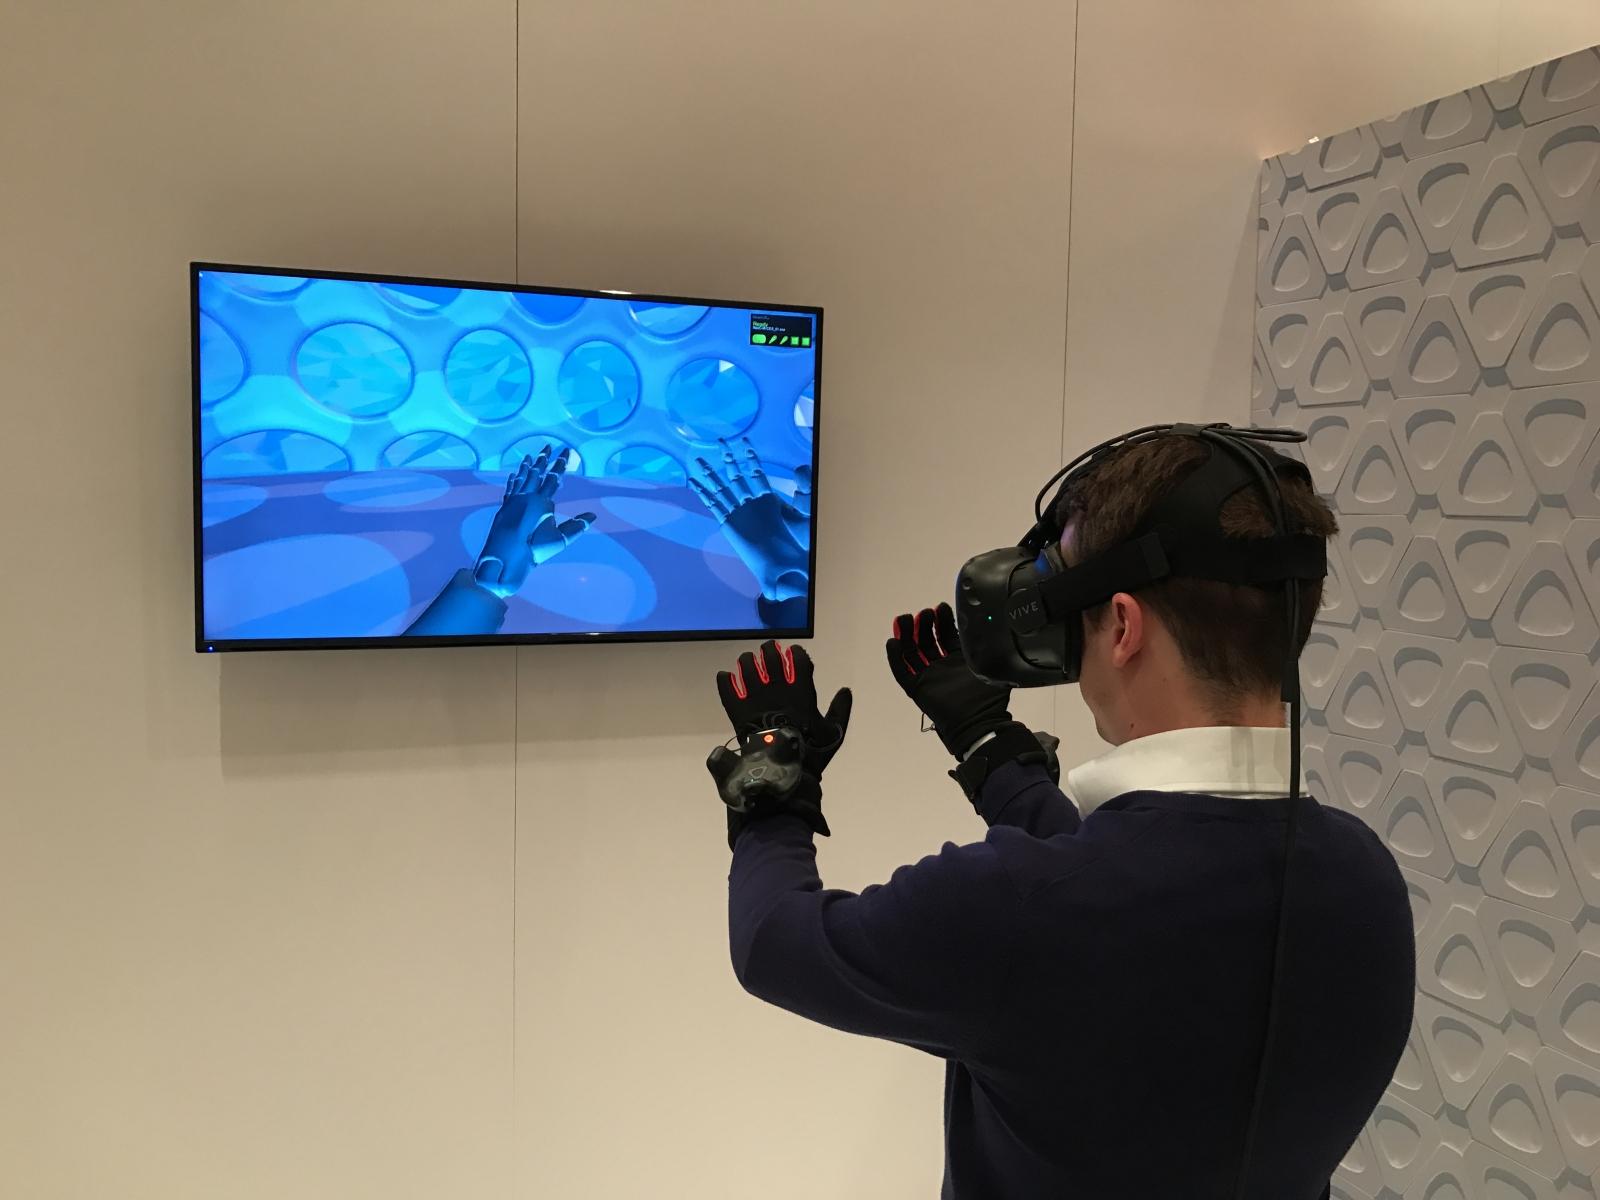 HTC Vive VR gloves